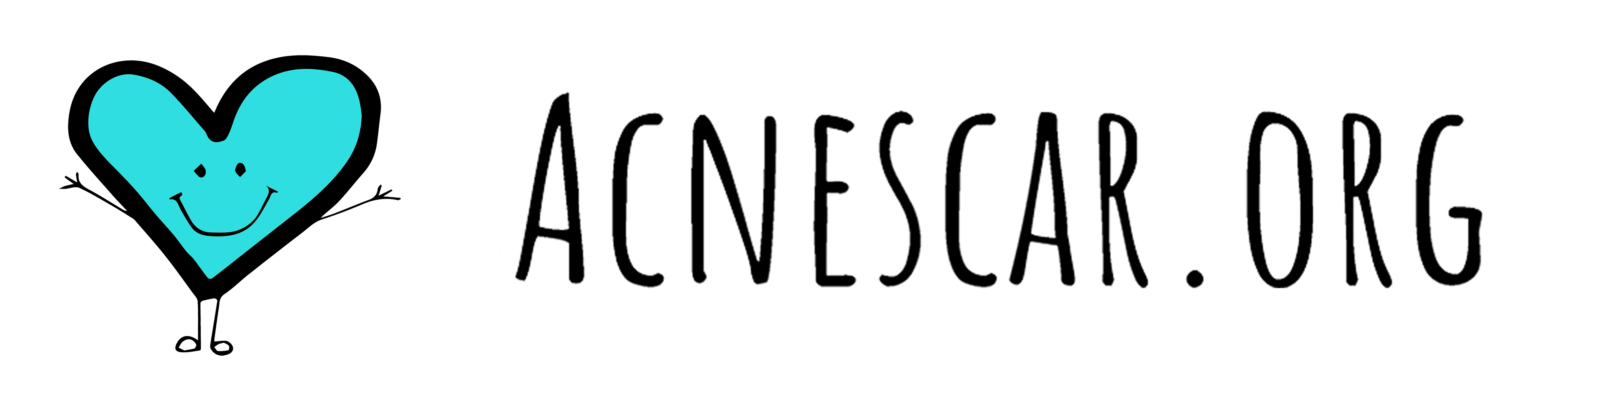 AcneScar.org